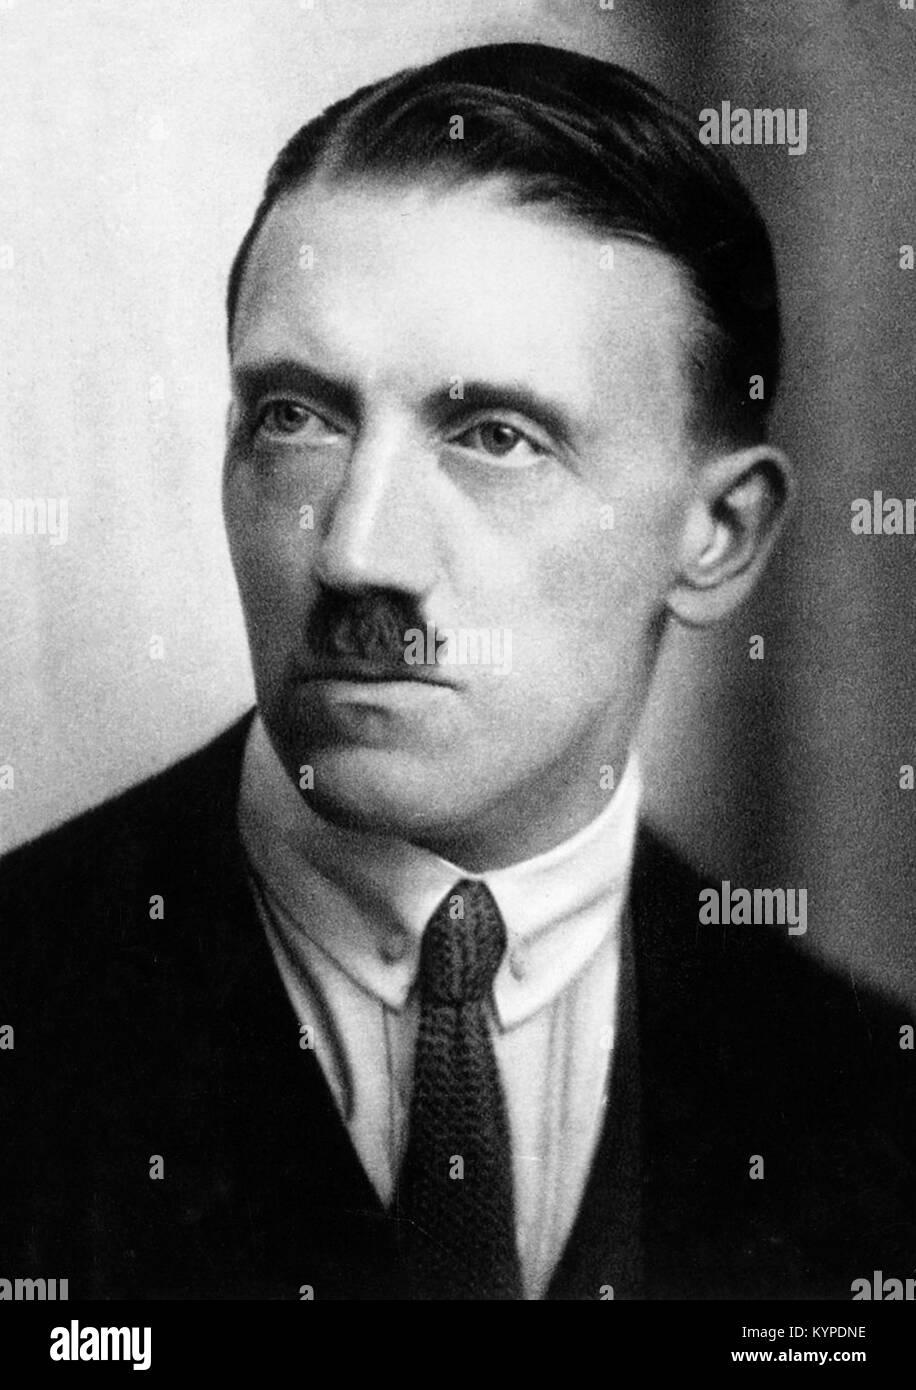 Adolf Hitler (1889-1945) as a young man. Photograph c.1924. Stock Photo